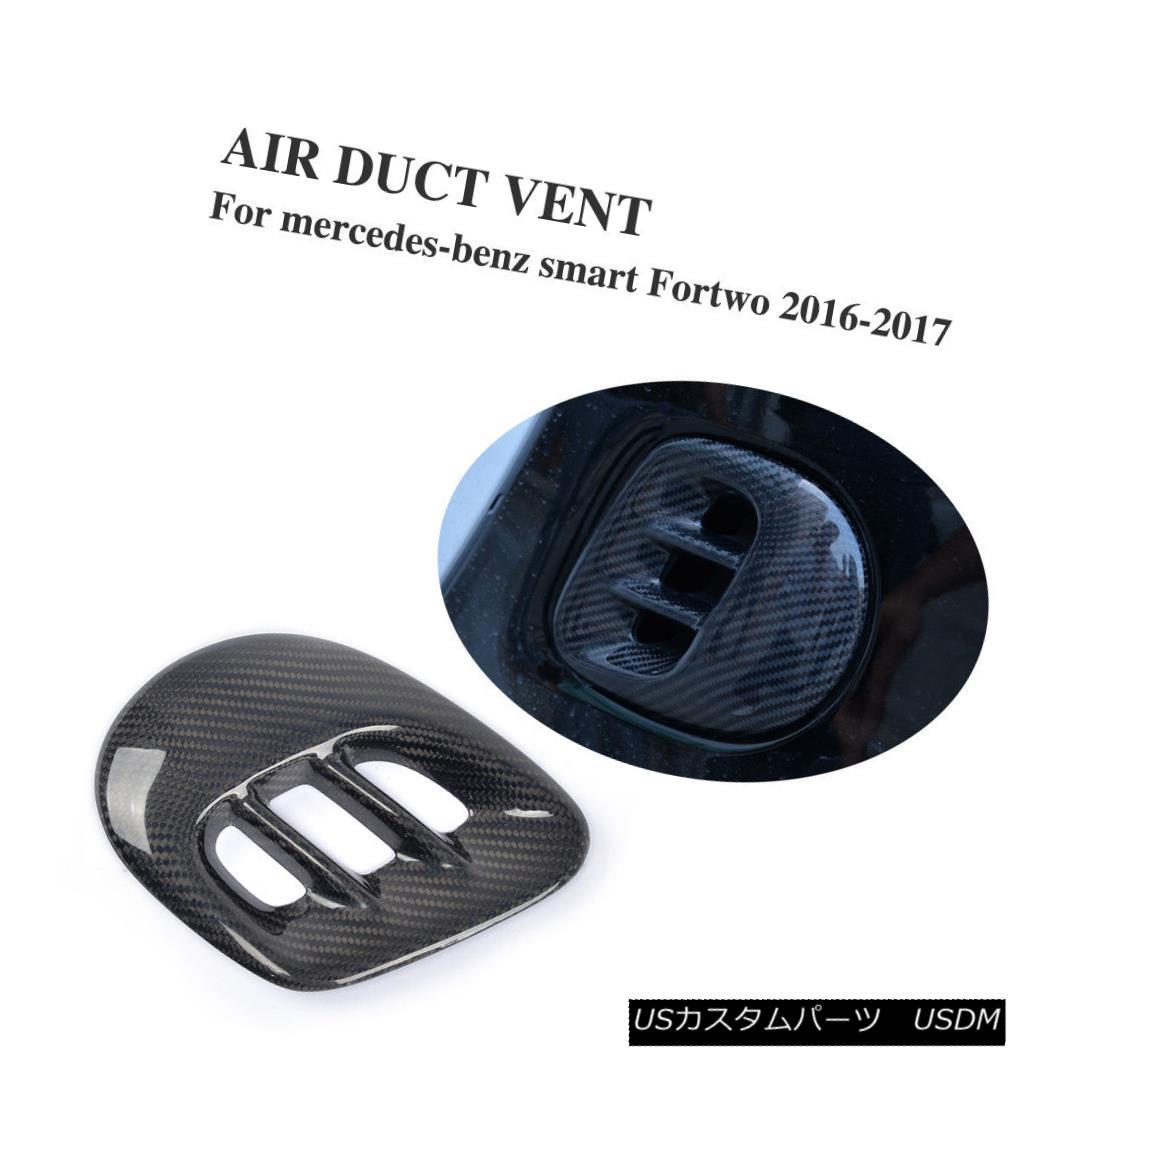 エアロパーツ 1PC Carbon Fiber Body Rear Side Air Vent Cover Trim Fit for Benz Smart 2D 16-17 ベンツスマート2D 16-17のための1PC炭素繊維ボディのリアサイドエアベントカバートリムフィット